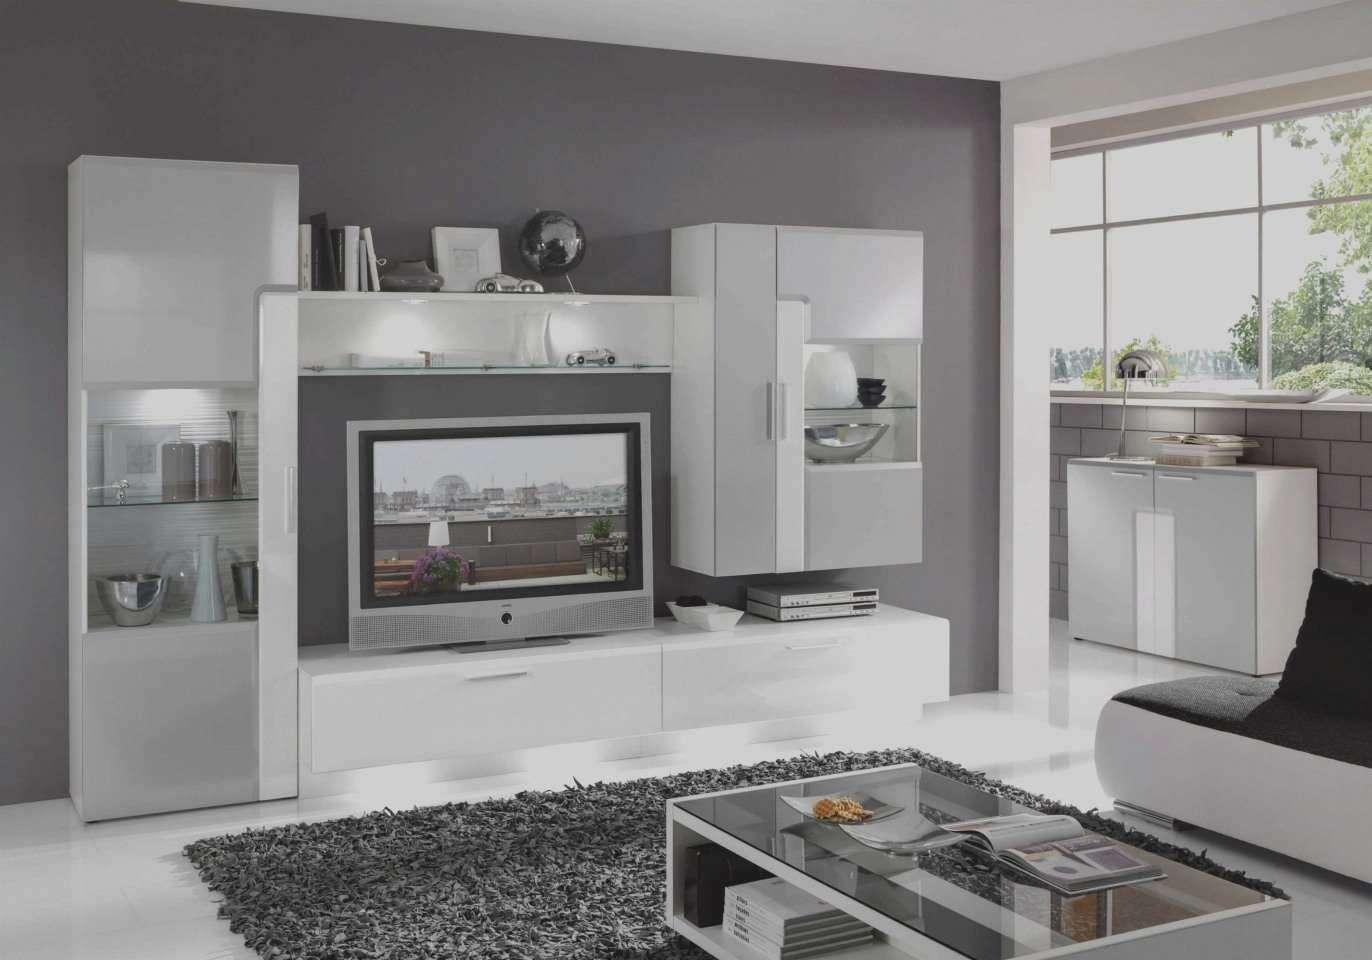 Full Size of Graue Couch Dekorieren Wohnzimmer Graues Sofa Wandfarbe Dekoration Welcher Teppich Farbe Kissenfarbe Mobel Mit Welche Kissen überzug überwurf Sitzhöhe 55 Cm Sofa Graues Sofa